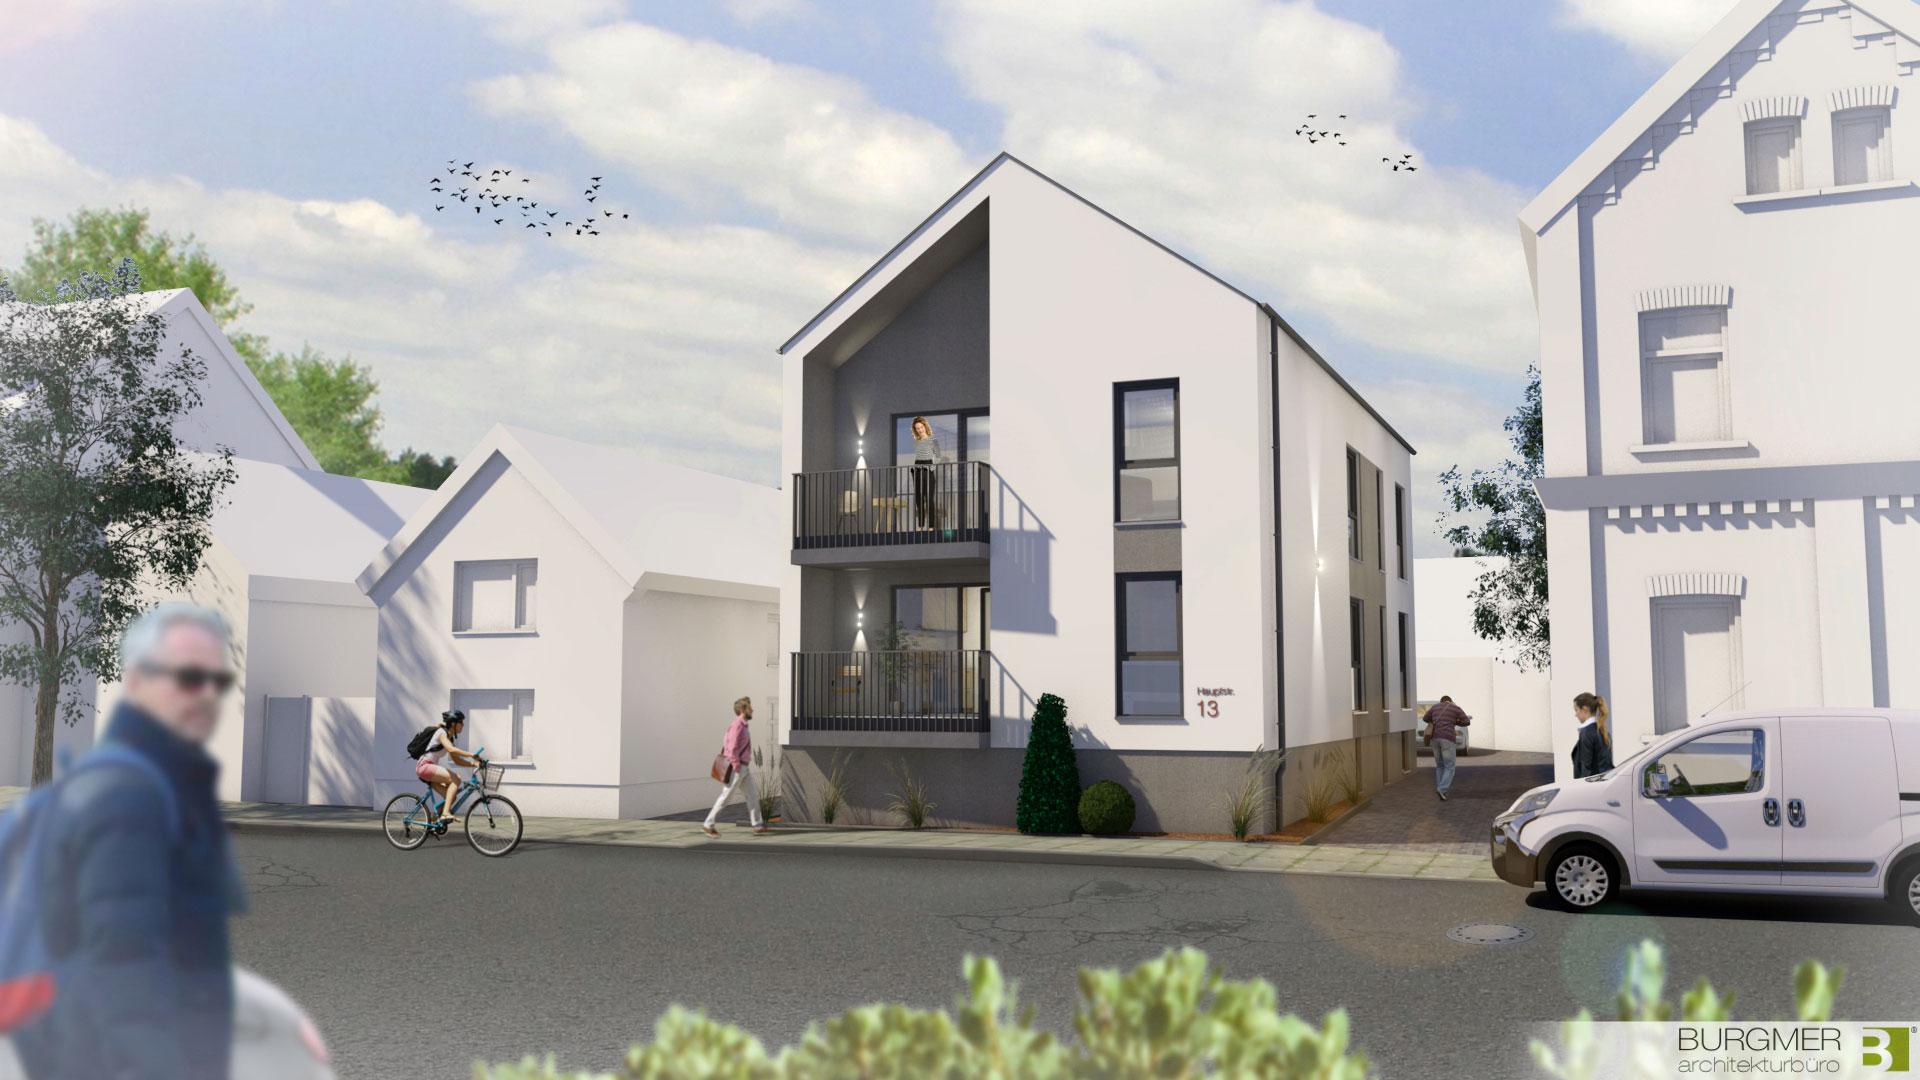 Konzeptentwurf,Baulücke-köln-Worringen,Zweifamilienhaus, Burgmer-Architekt-Wiehl, Nico Burgmer